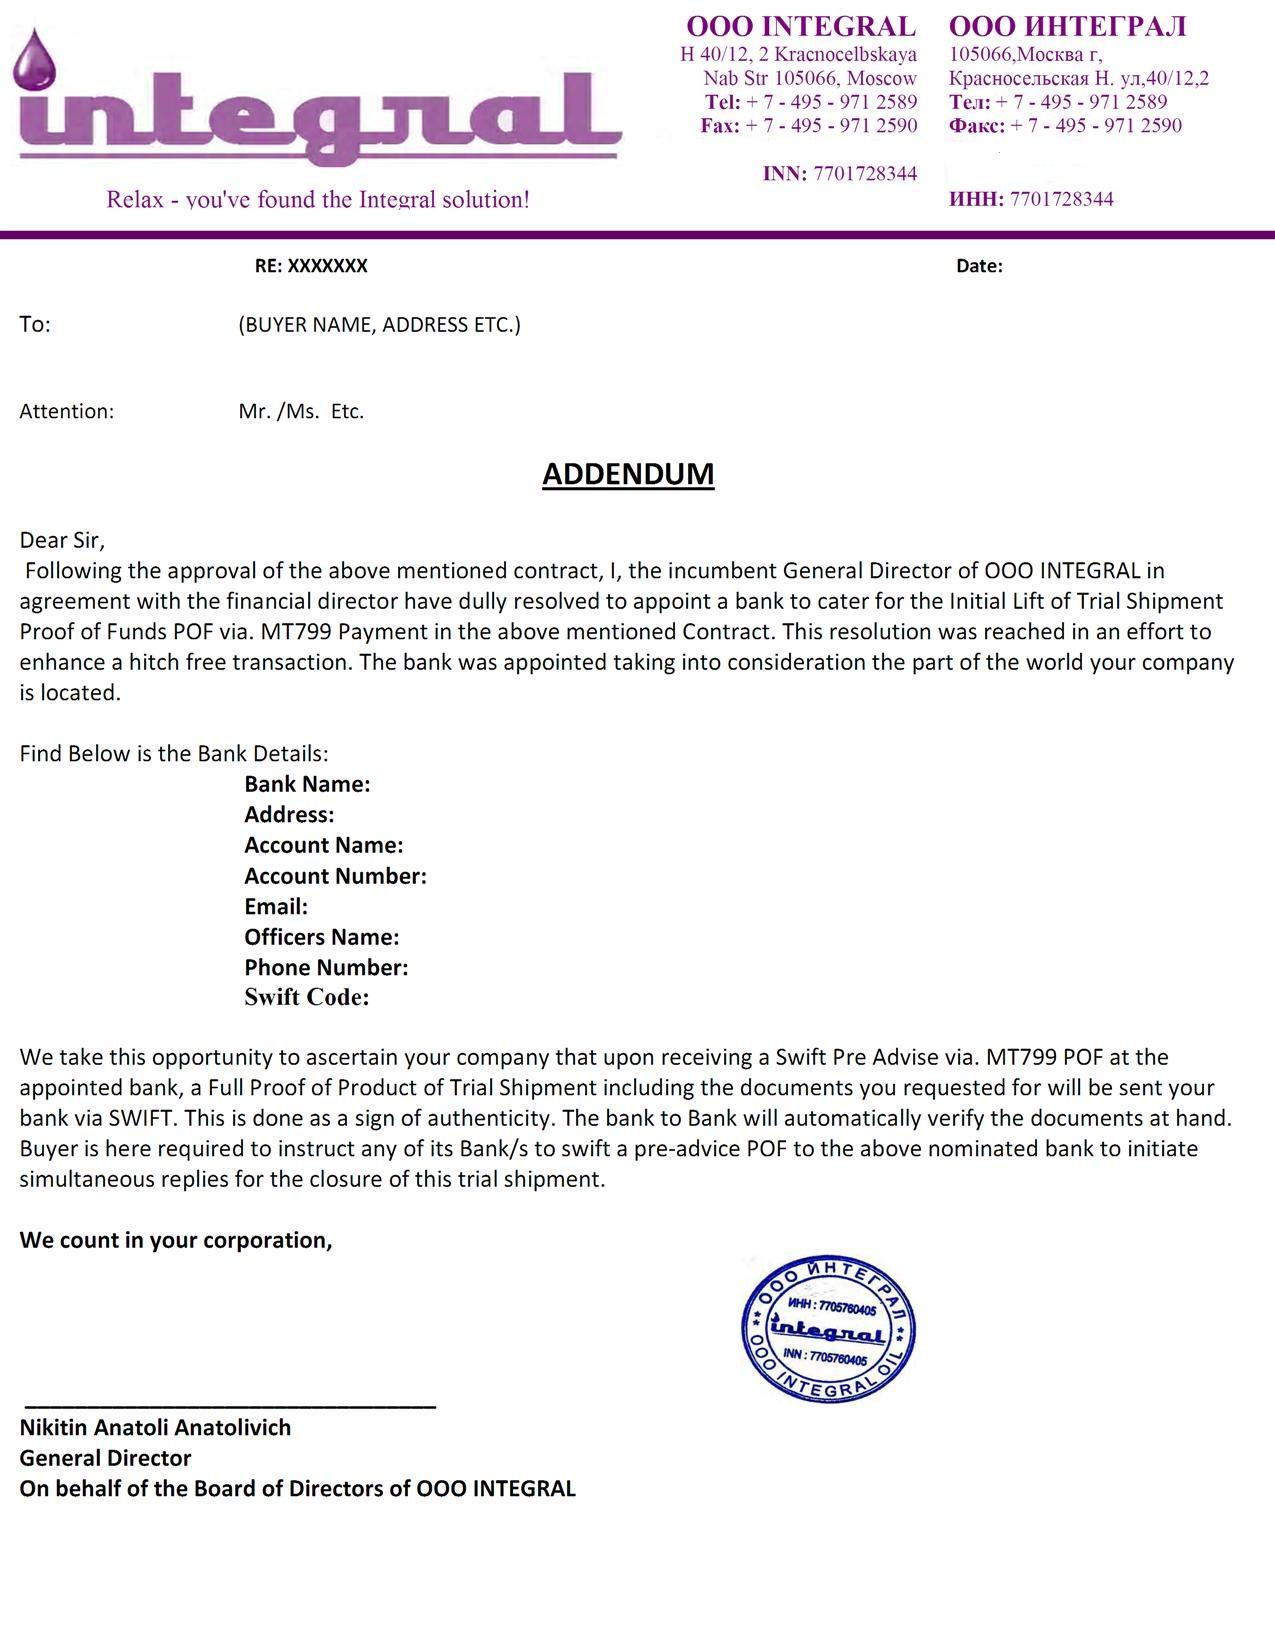 Addendum Sample Letter Agreement.Addendum Sample Letter